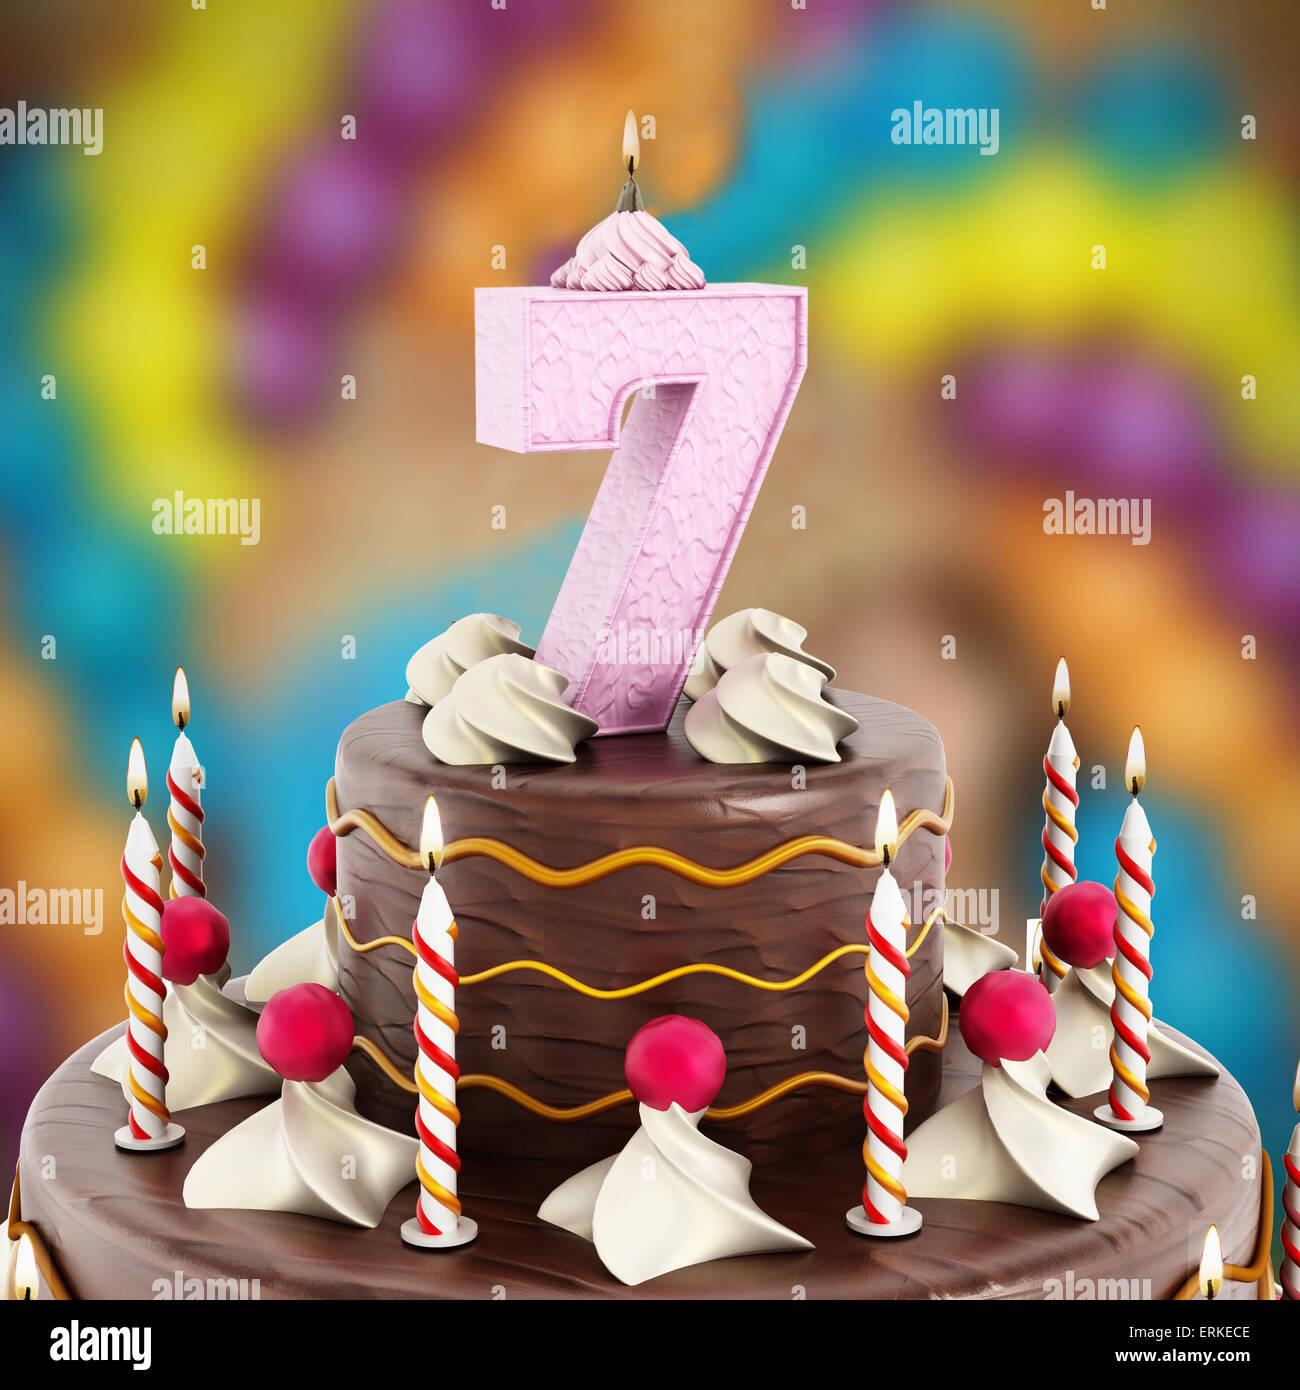 Geburtstag Kuchen mit Nummer 7 beleuchtete Kerze Stockfoto